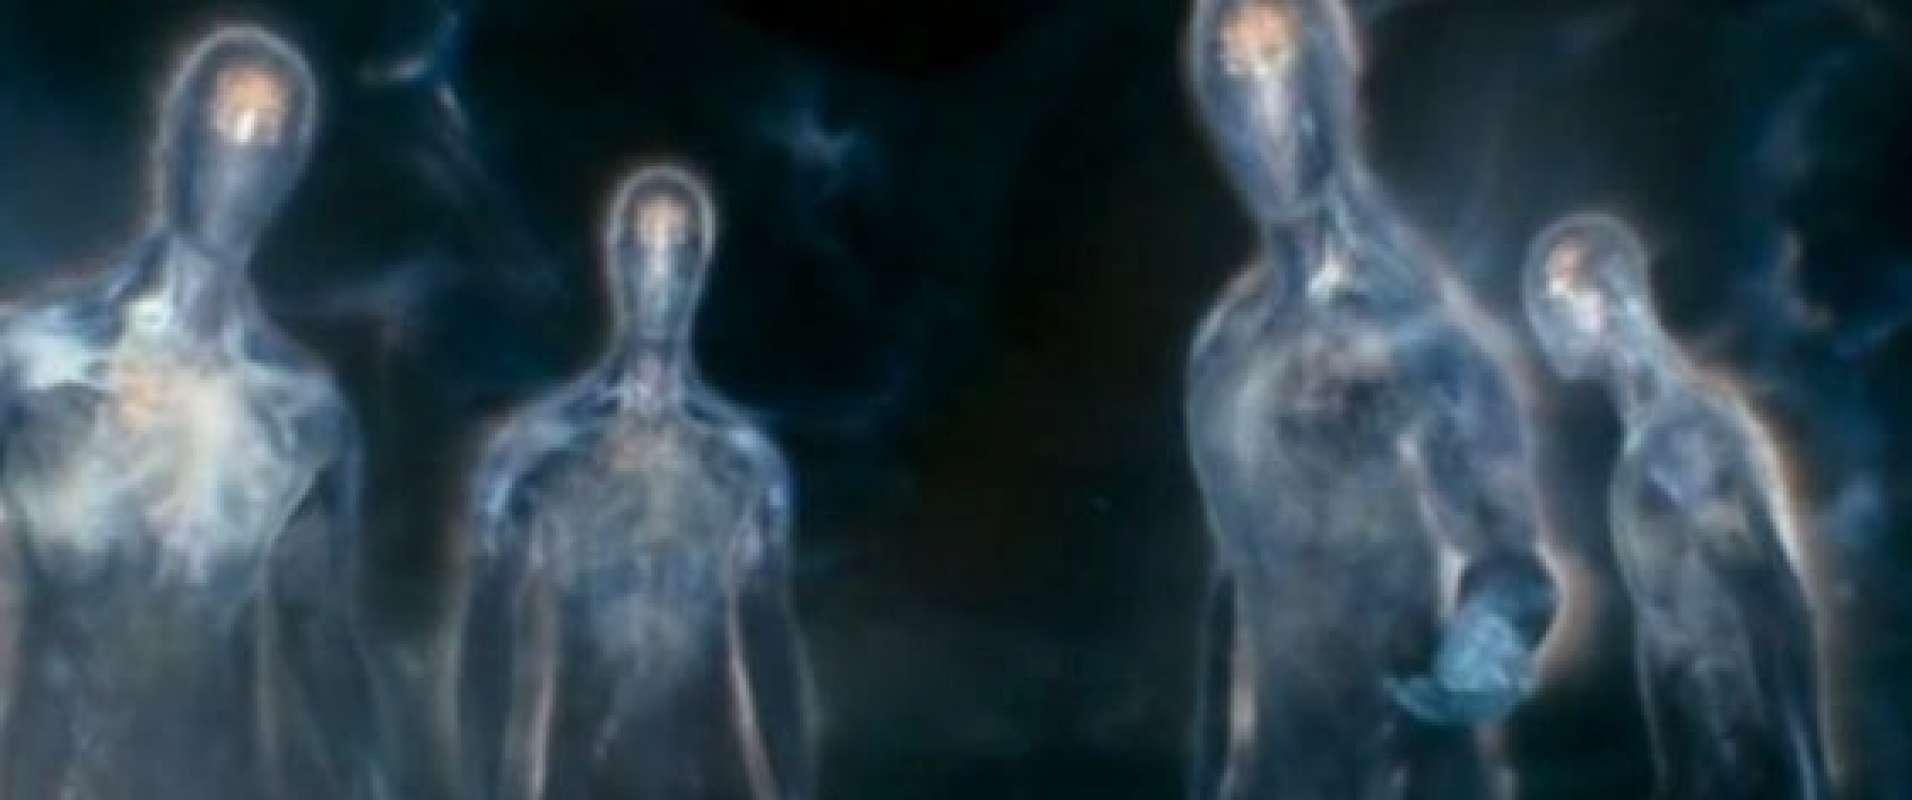 Британский ученый оценил шансы встречи с инопланетянами в будущем